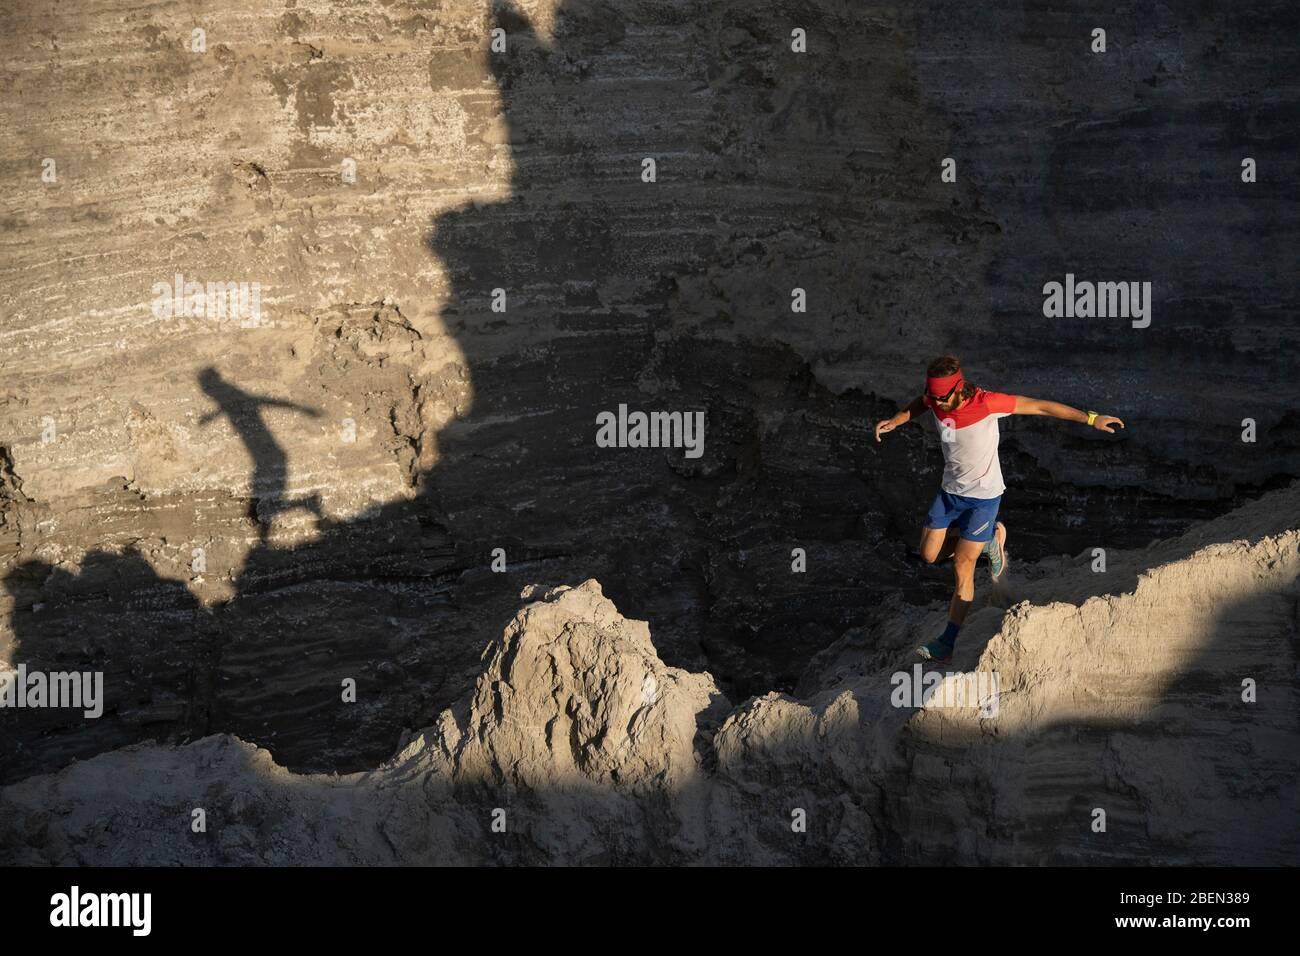 Un sentier d'homme qui descend à travers une crête sur un terrain sablonneux Banque D'Images